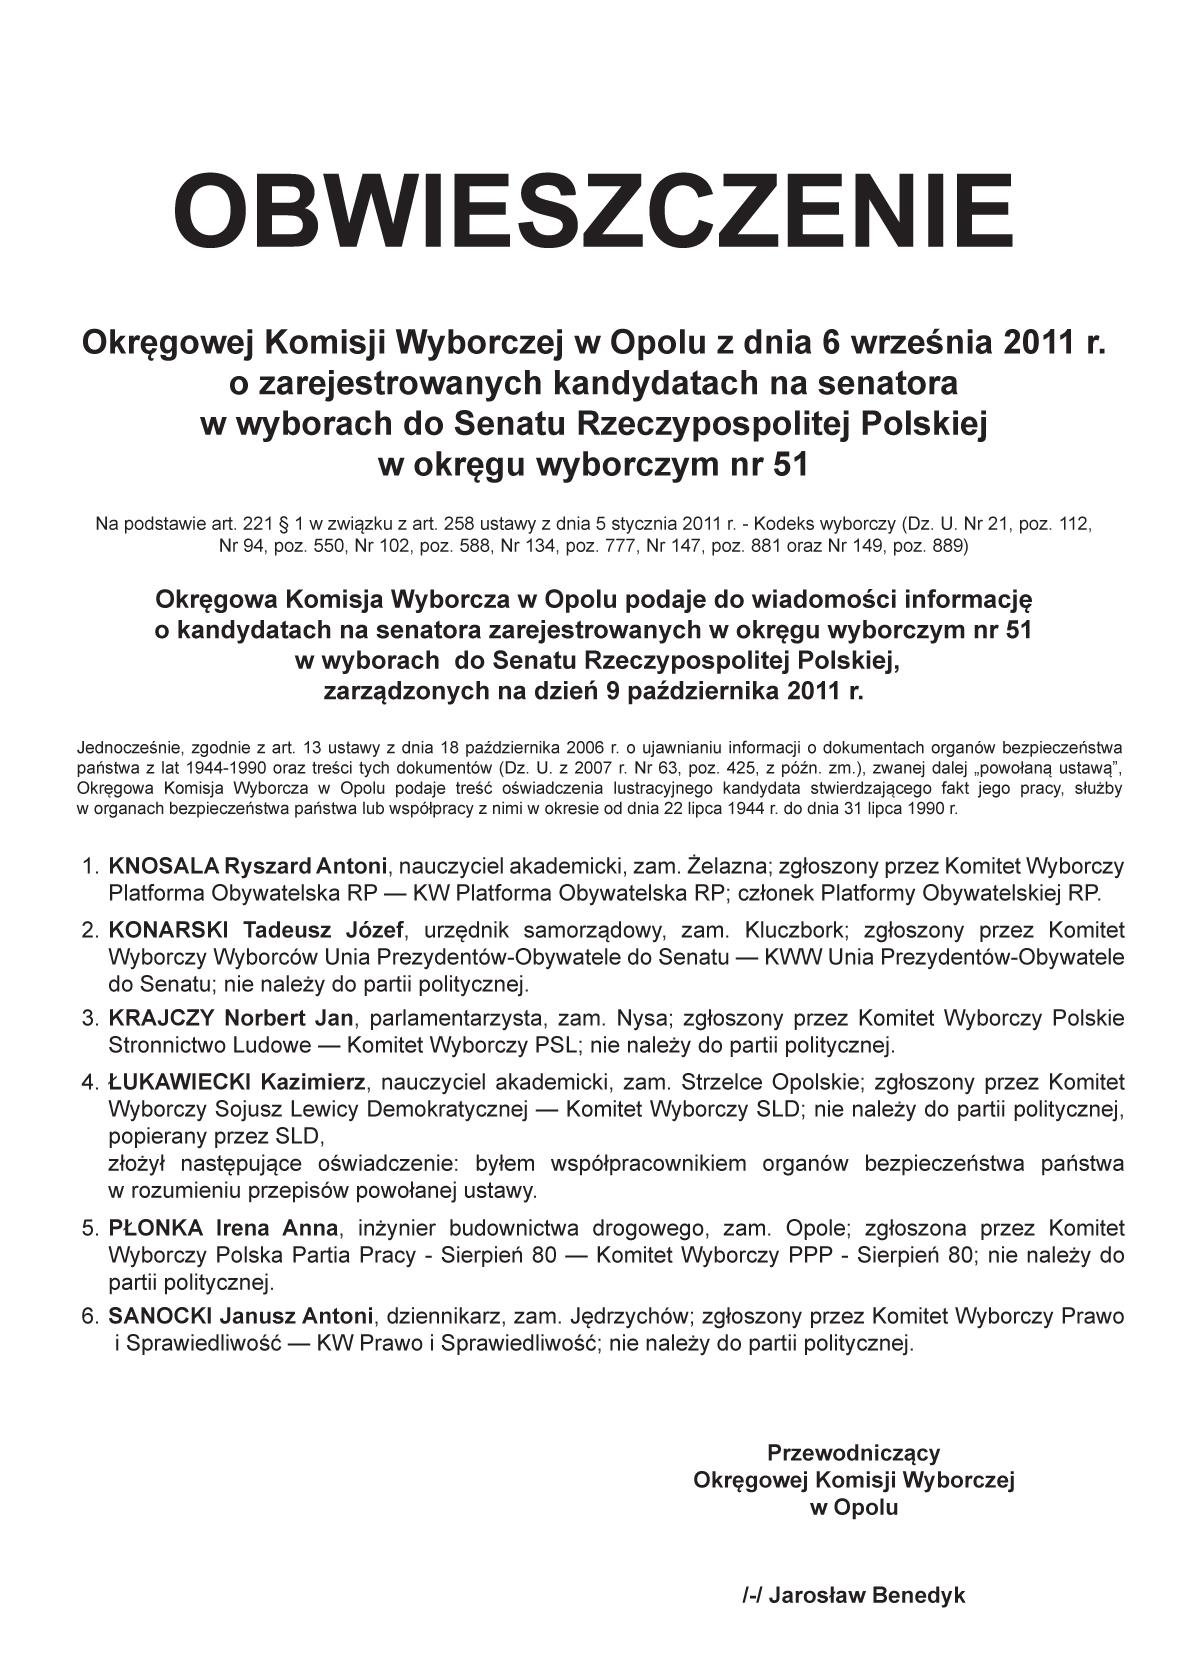 Obwieszczenie OKW SENAT okr51 copy.jpeg